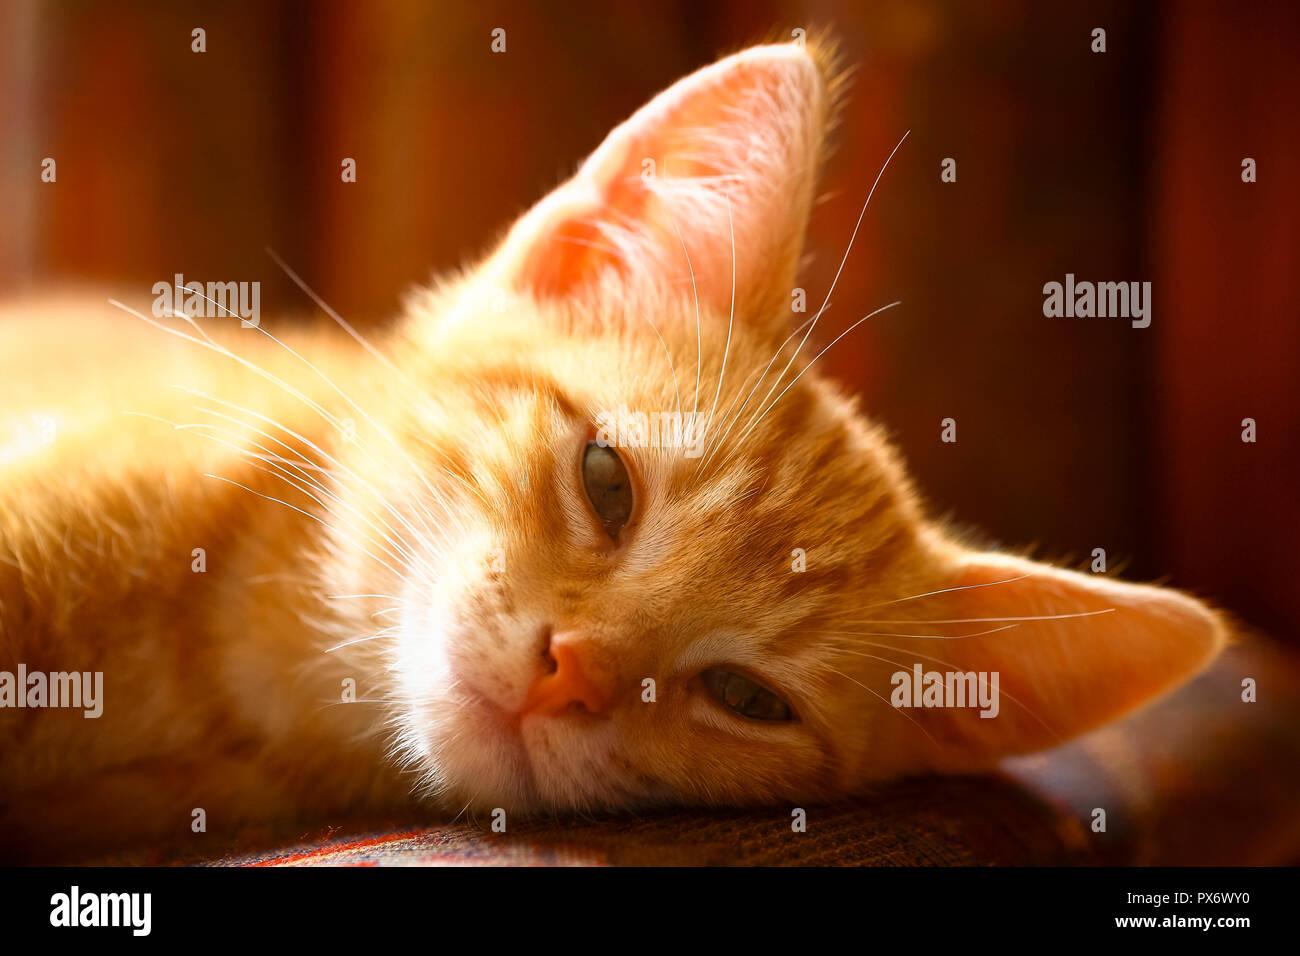 Ginger mackerel tabby kitten in soft focus - Stock Image